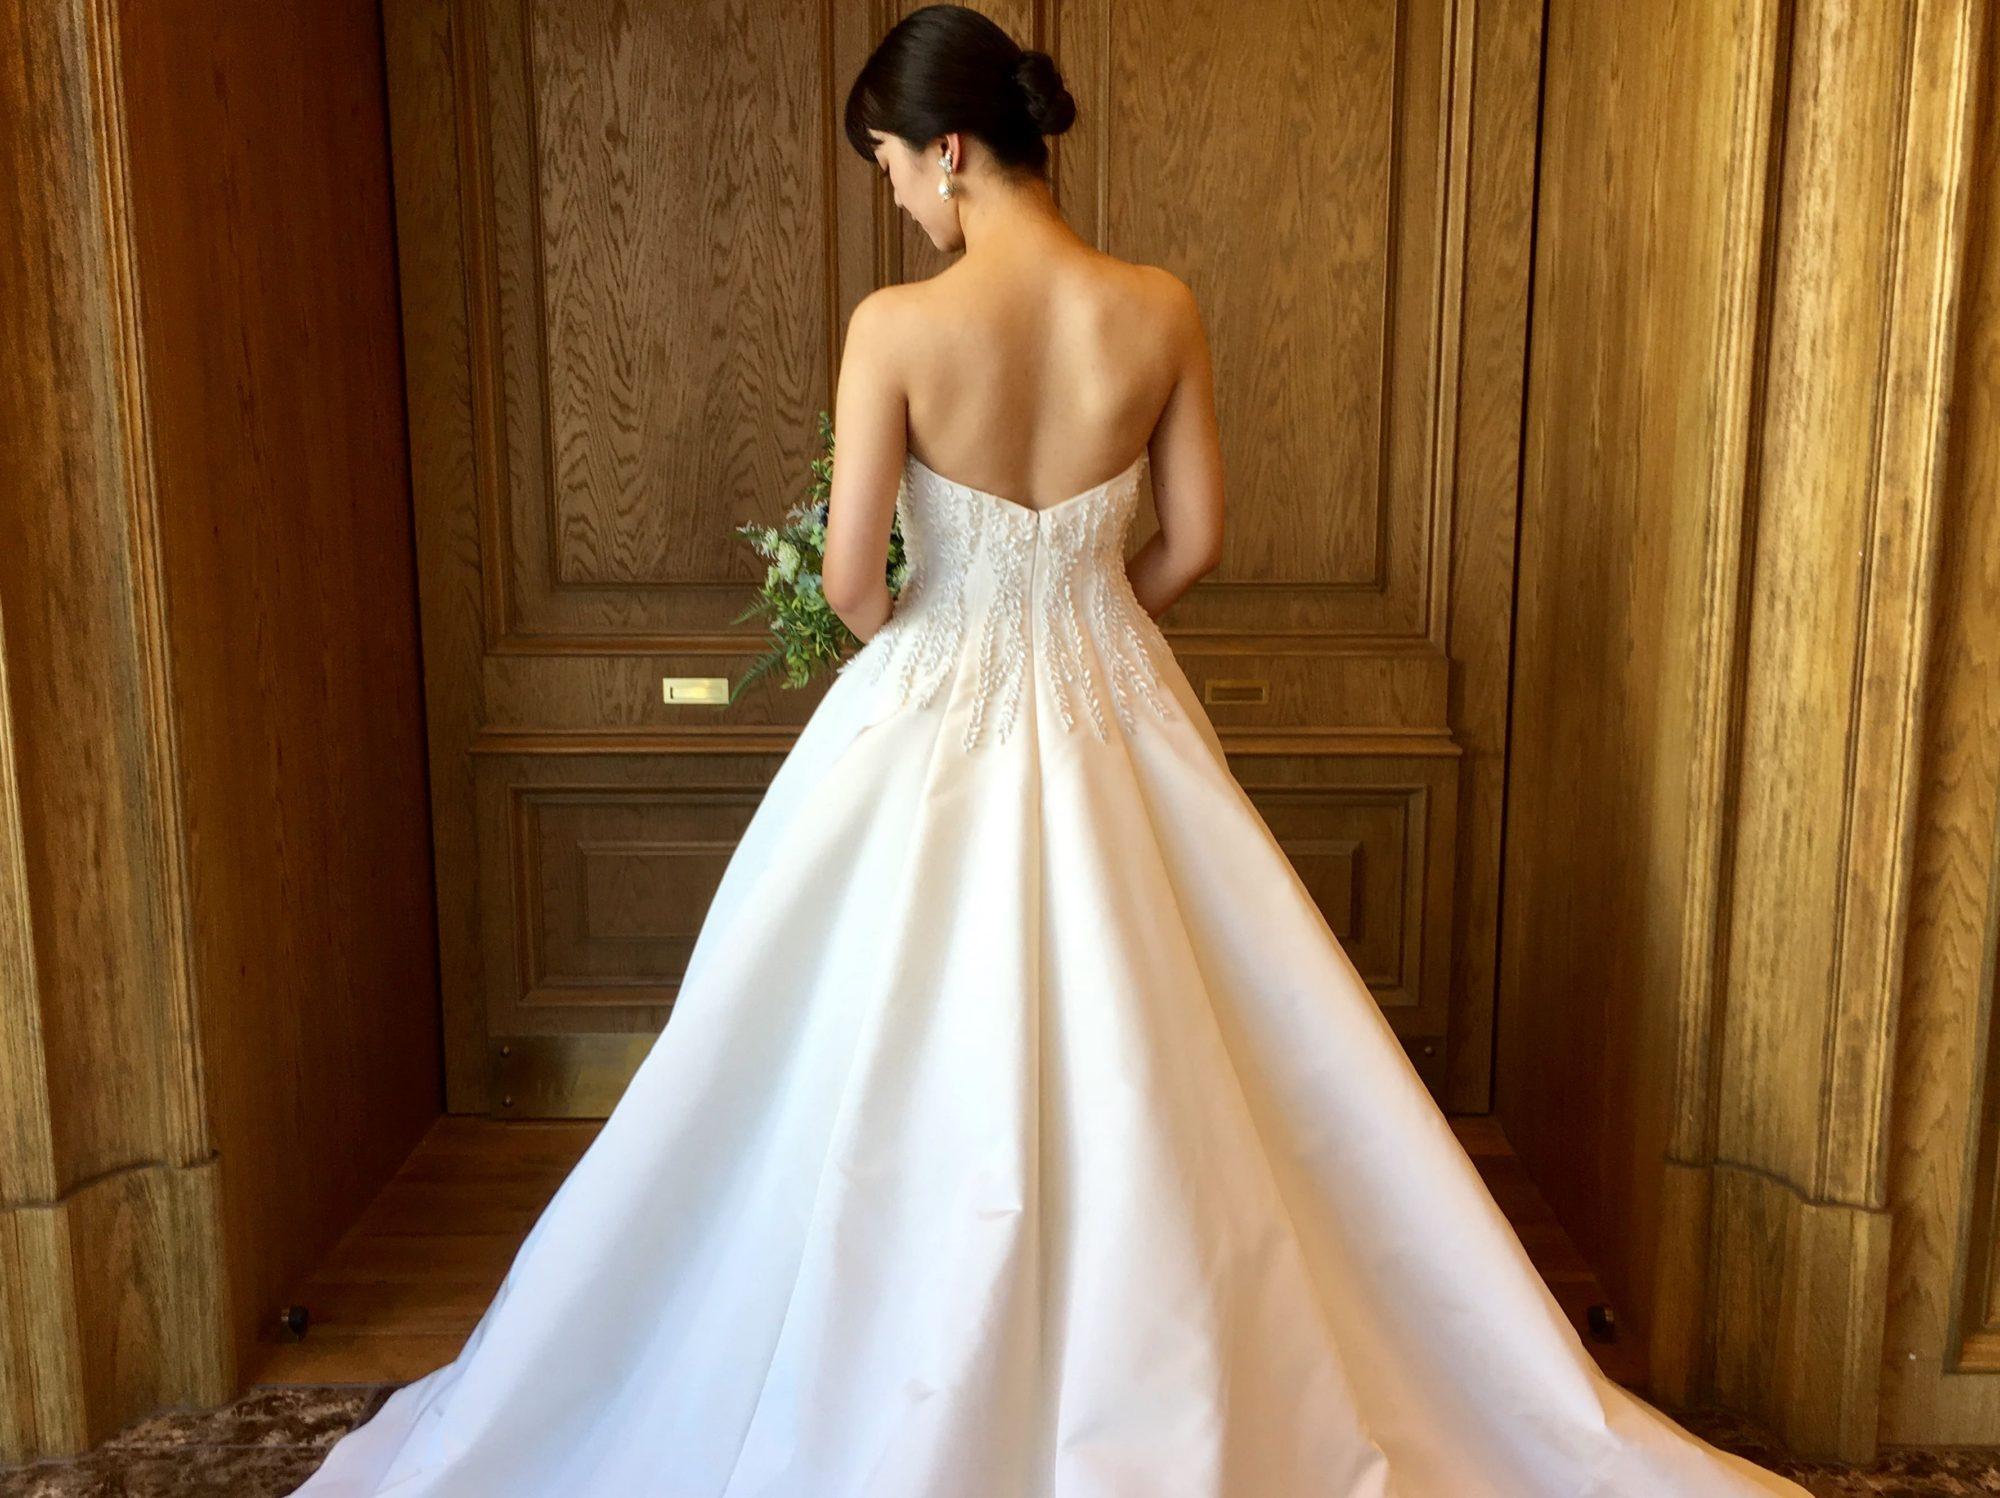 上品な艶を放つファイユ素材のAラインのAMSALE(アムサーラの)ウェディングドレス